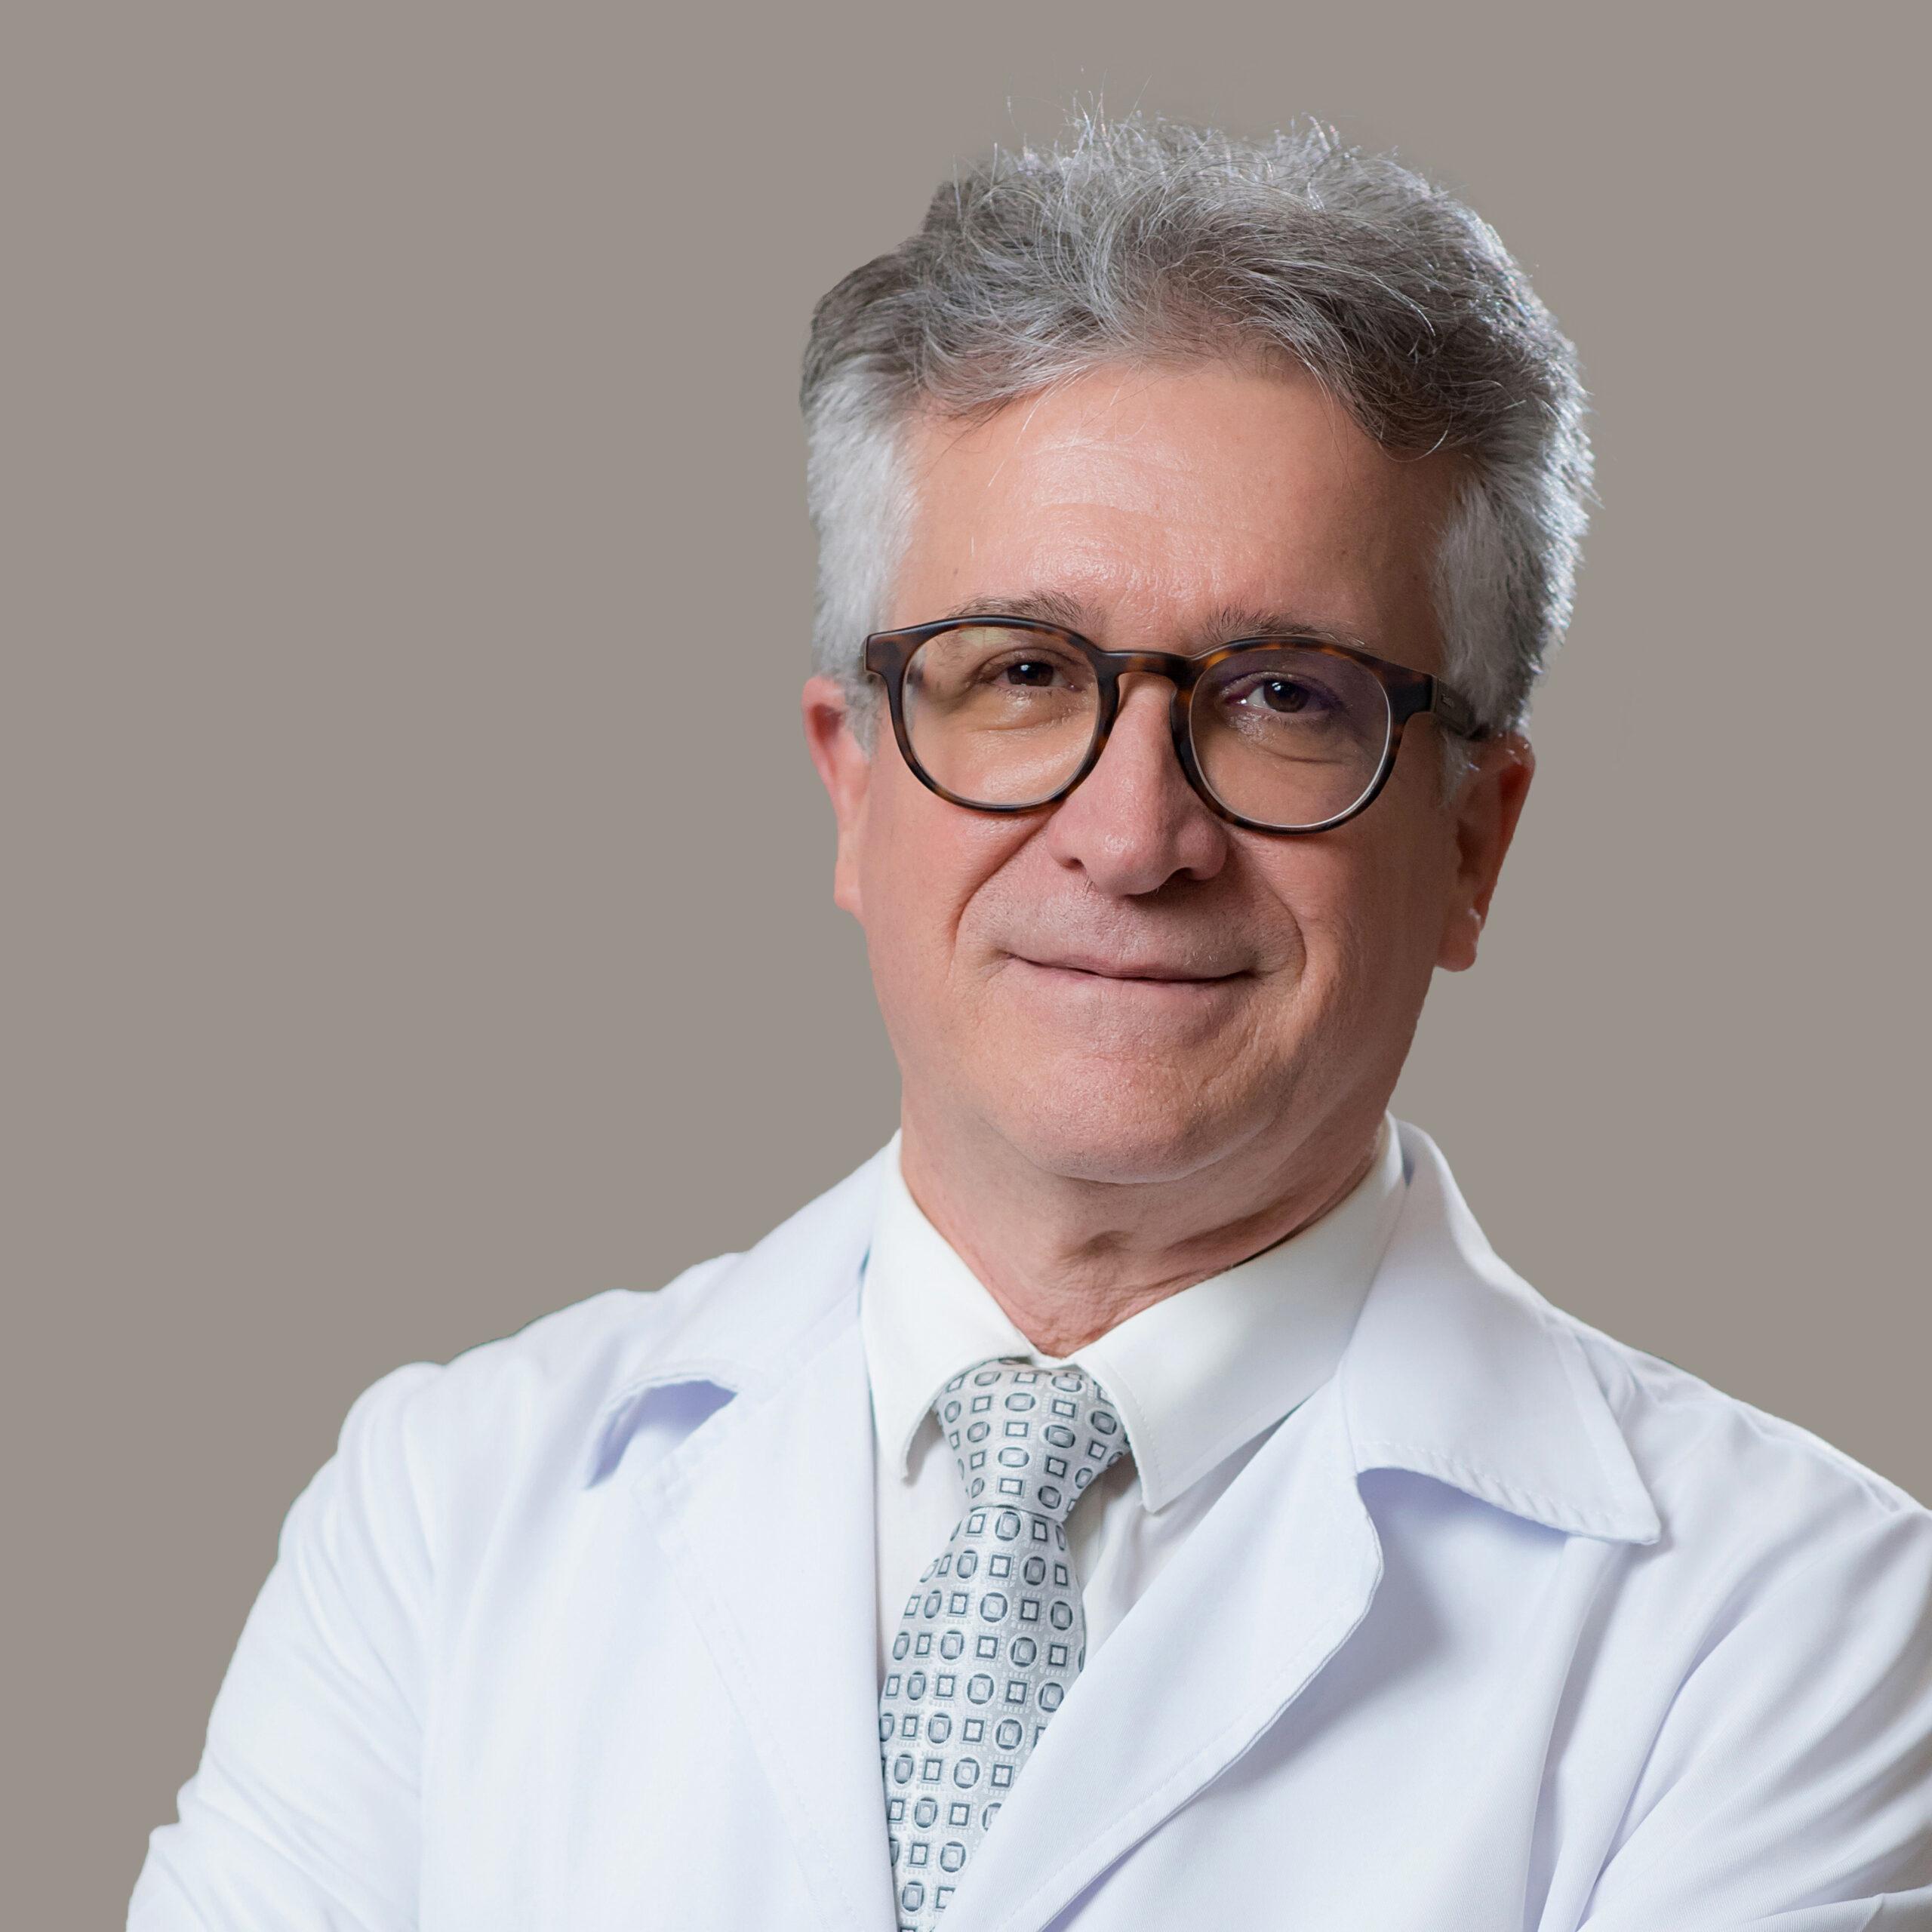 Dr. Miguel Carlos Sabio Grespan